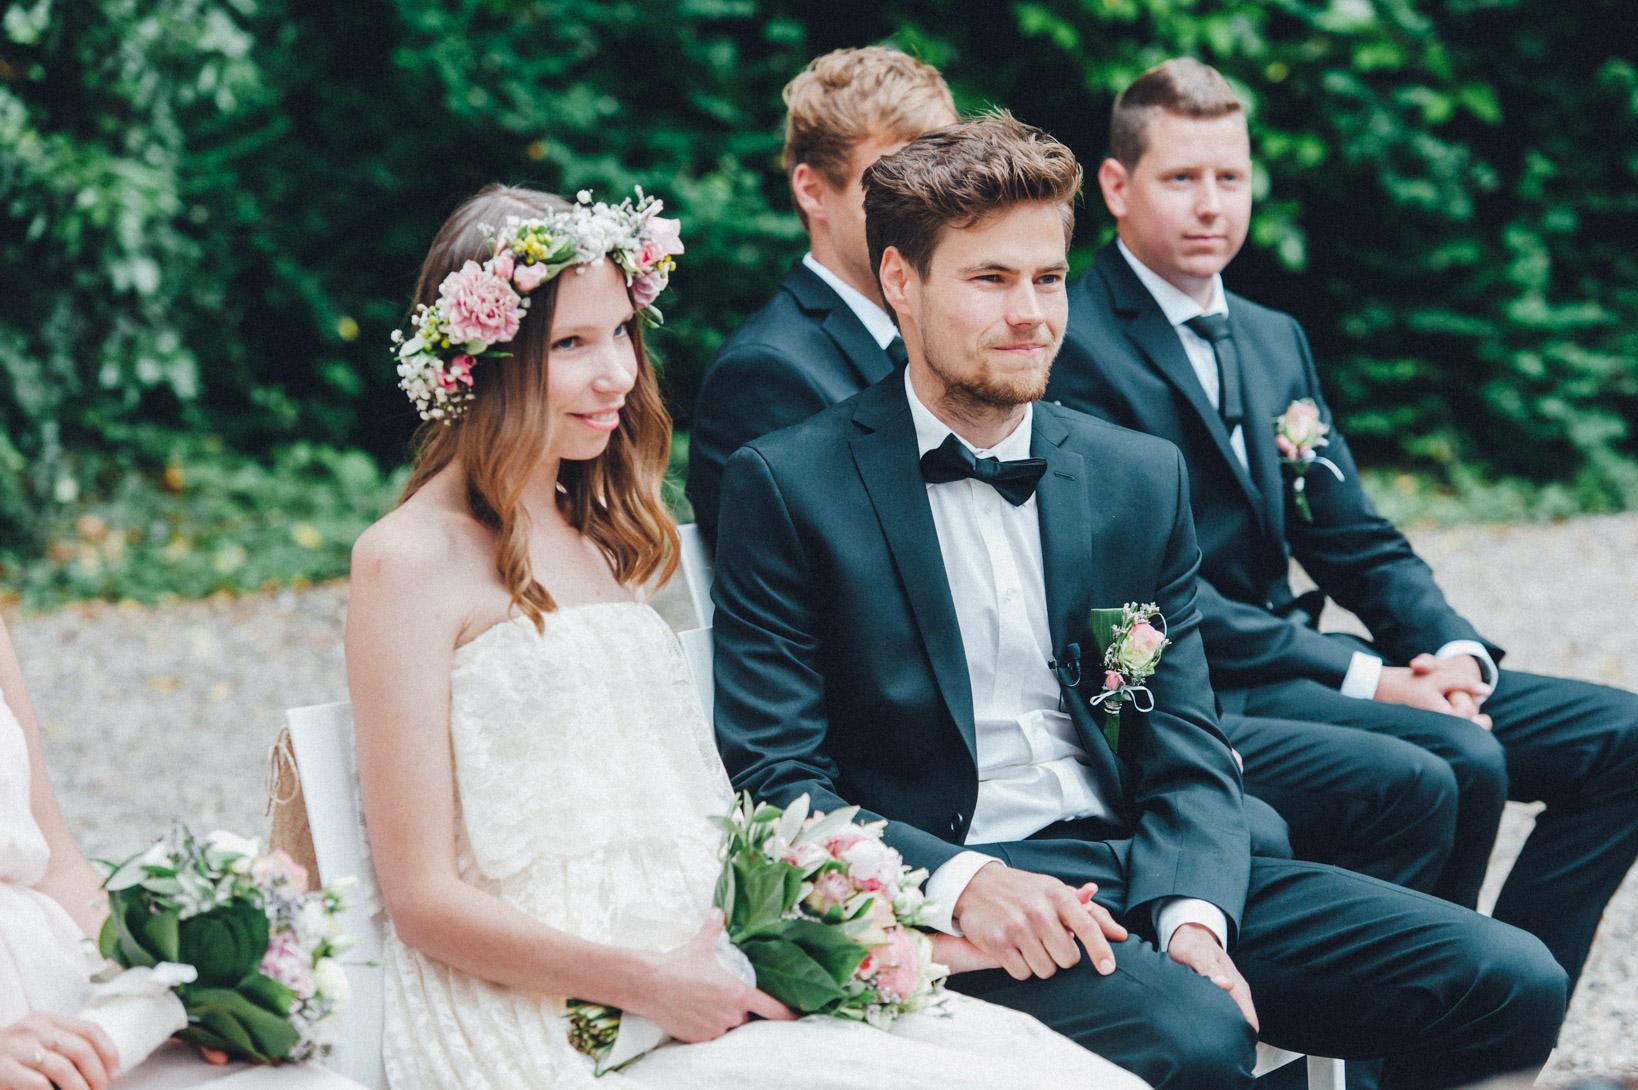 DIY-Hochzeit-gold-VW-Bully-63 Janet & Pierre DIY Midsummer-Wedding in Gold mit VW BulliDIY Hochzeit gold VW Bully 63